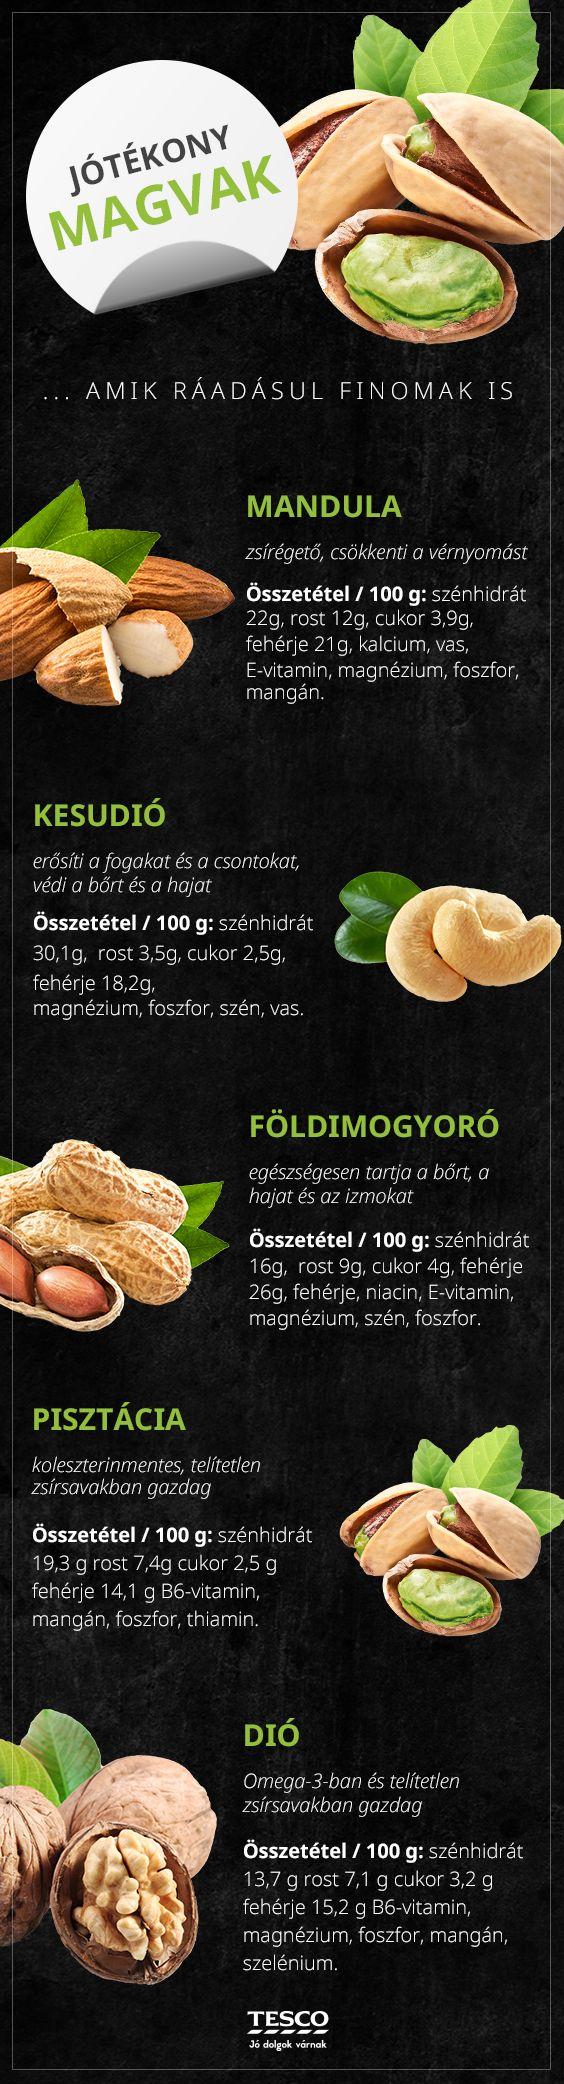 Tudtad, hogy a magvaknak számos előnyös hatása van? Ha nem, akkor itt egy kis tanulnivaló! :) #kesudio #dio #foldimogyoro #pisztacia #mandula